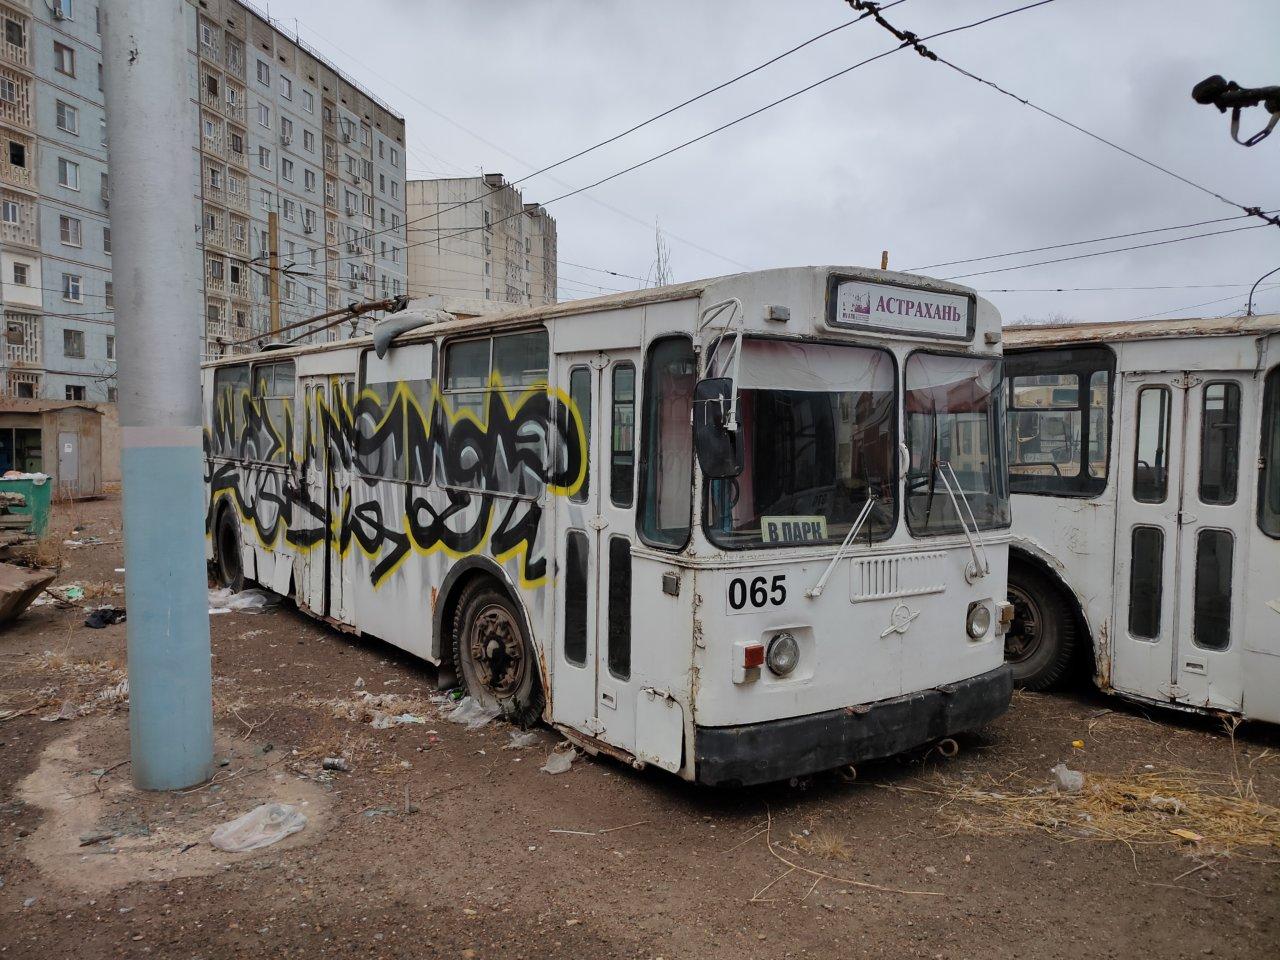 Как астраханский троллейбус встретил 2021 год